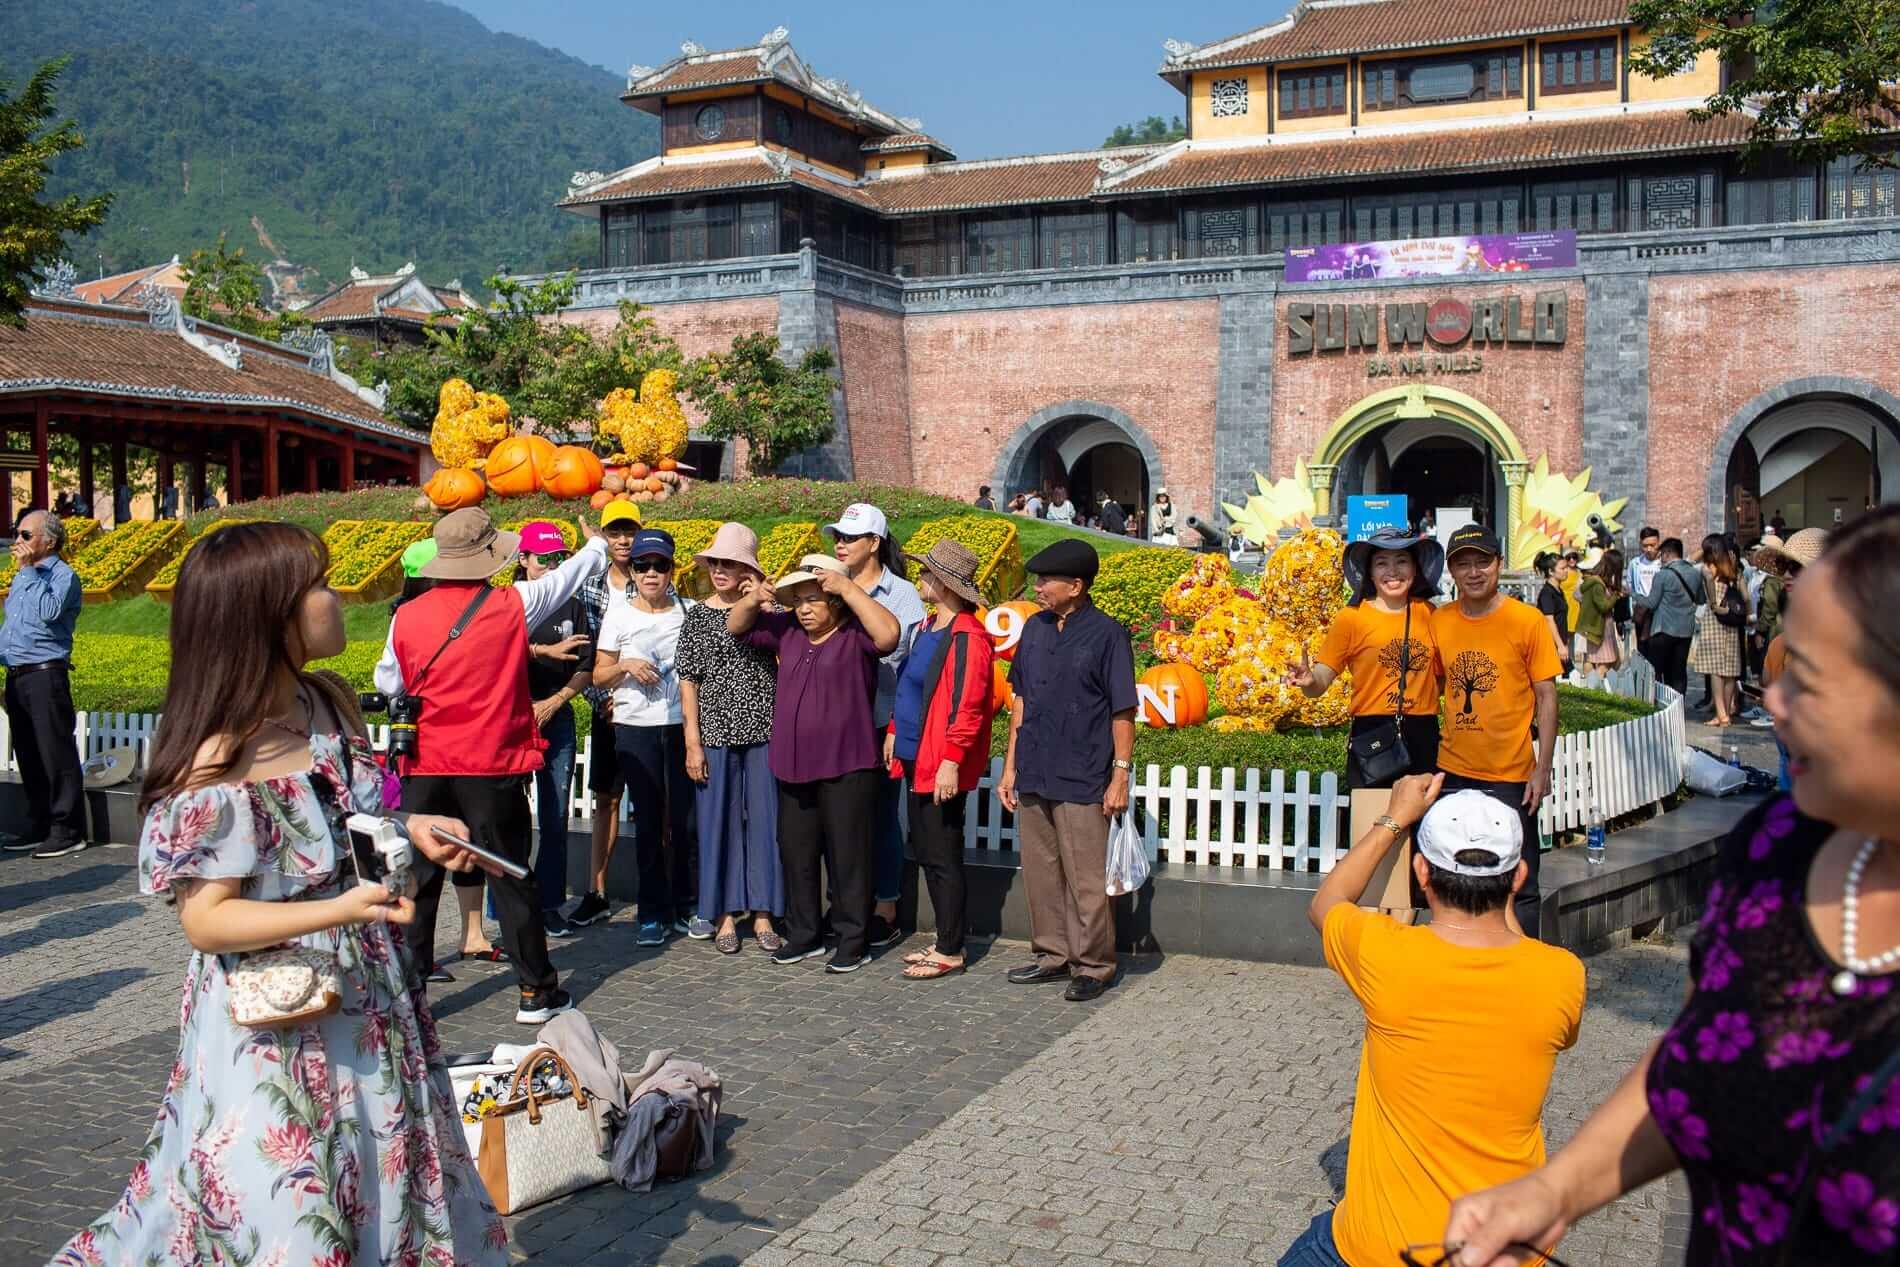 Entrance gate at Sun World Ba Na Hills.